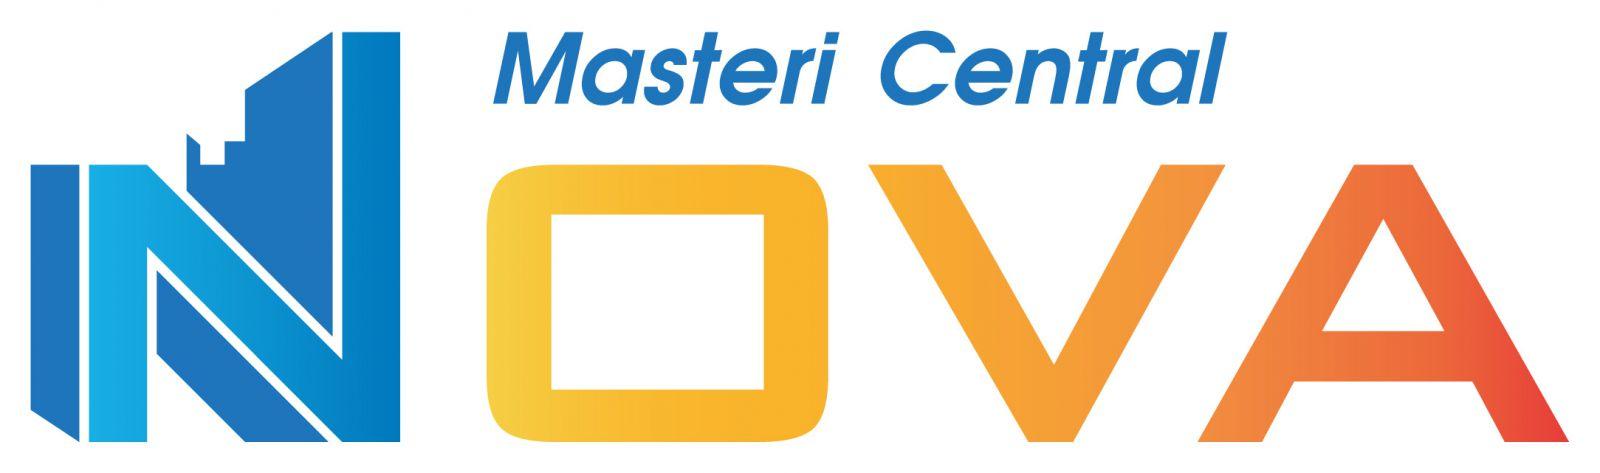 logo thiết bị vệ sinh Nova